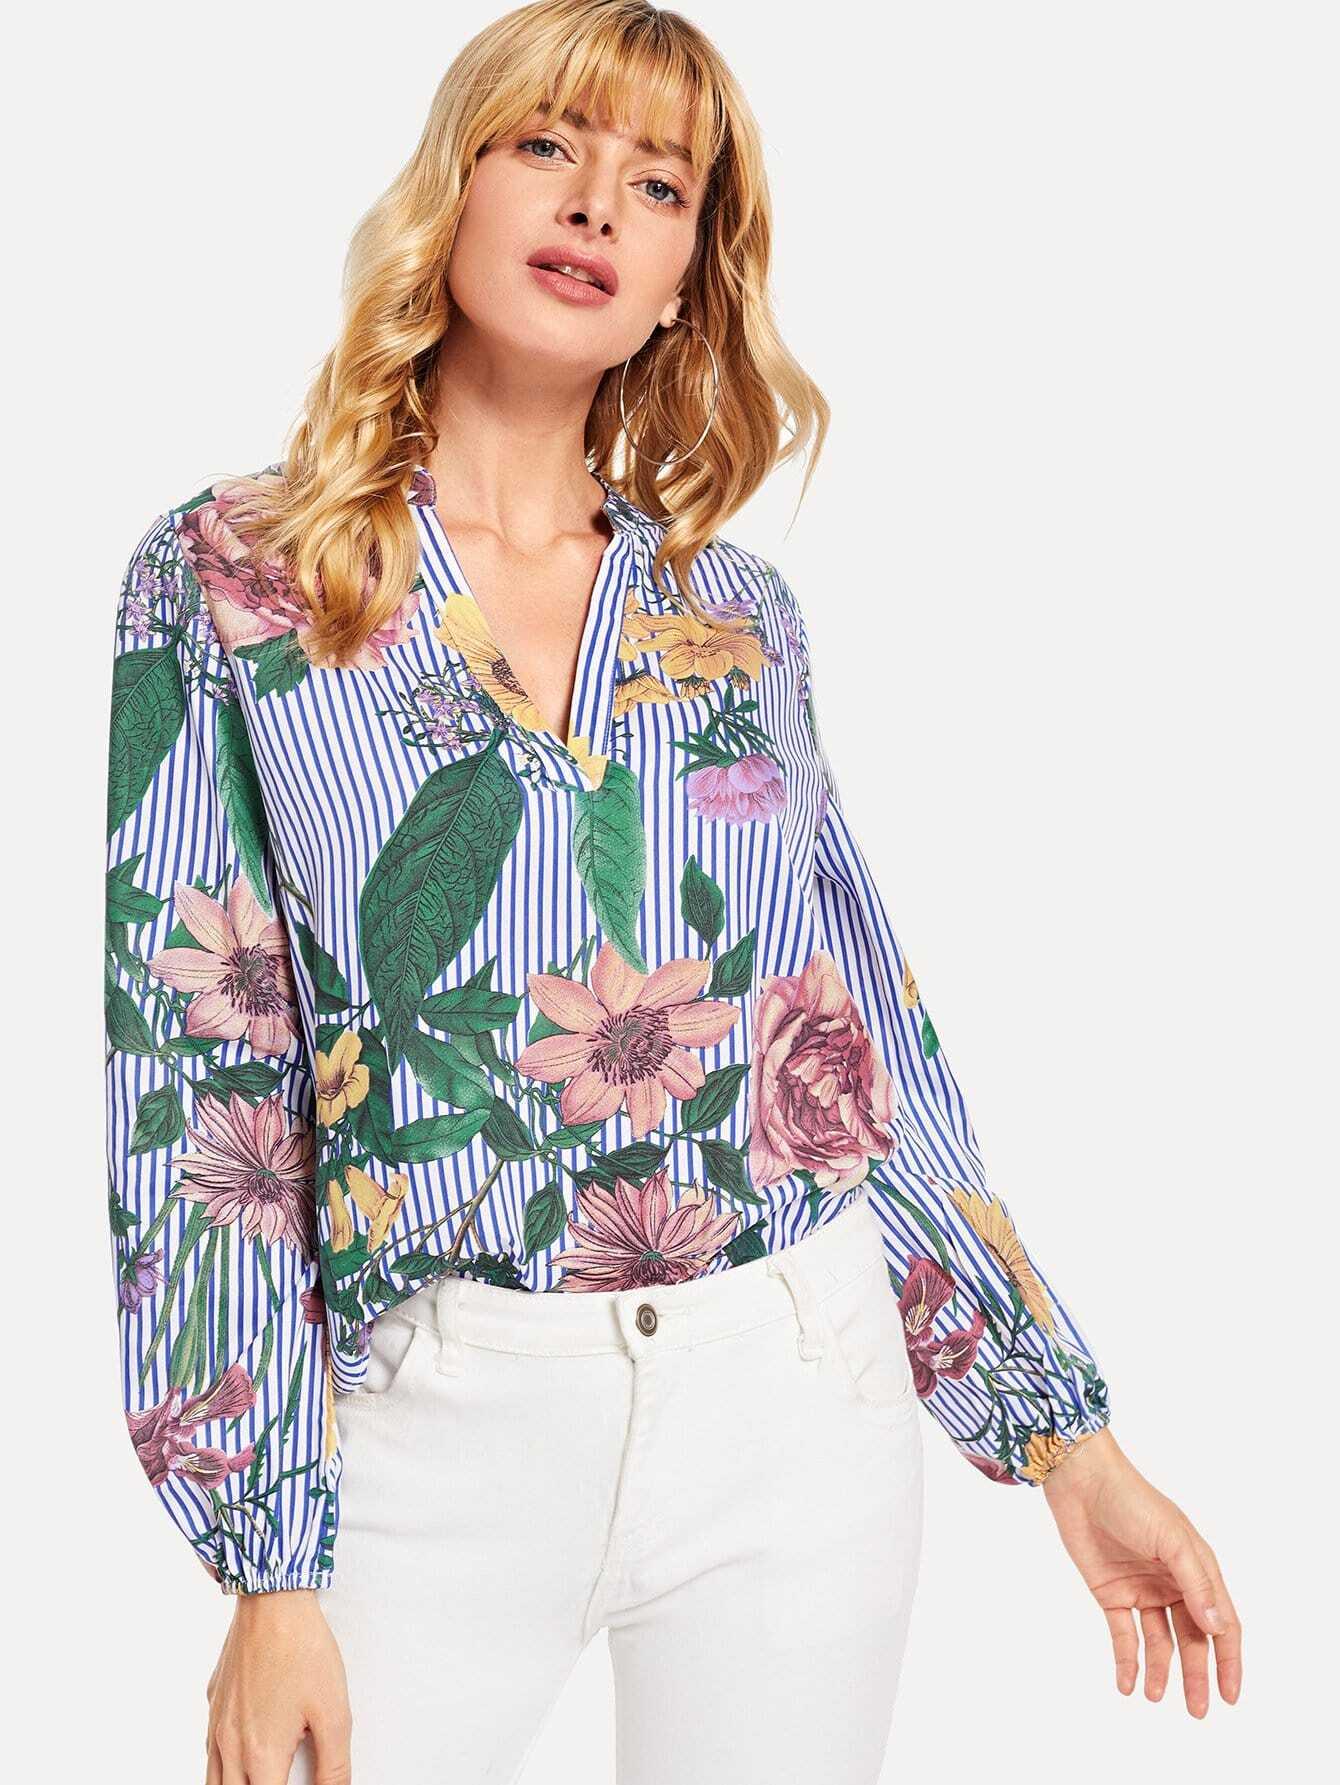 V-Cut Floral Print Striped Top, Masha, SheIn  - купить со скидкой